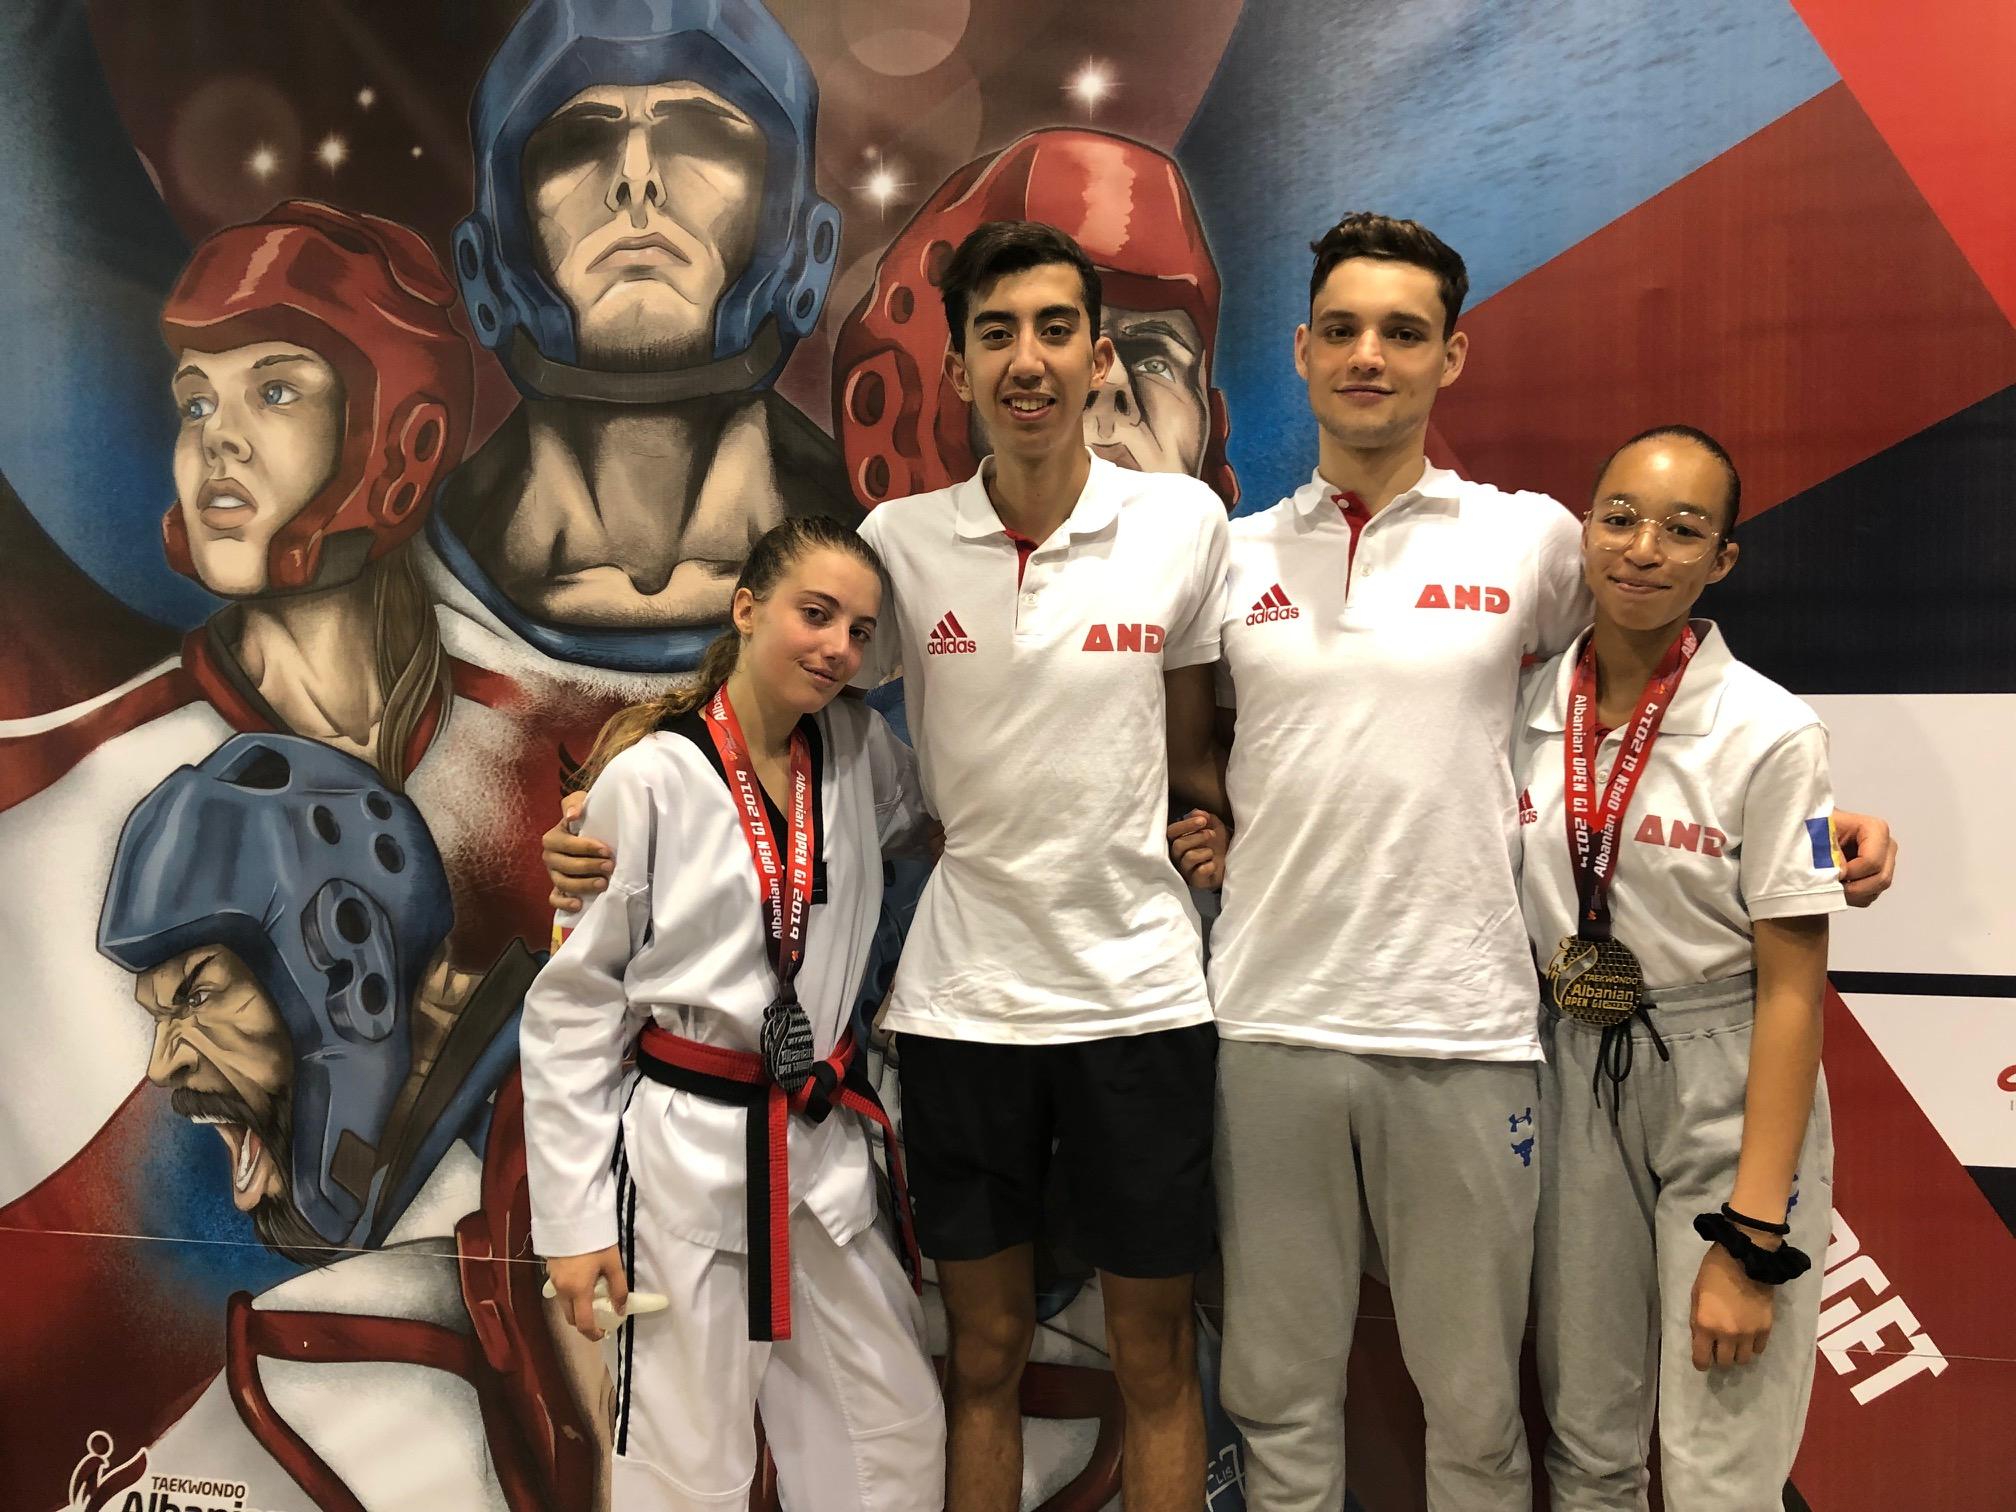 Ensurt per a l'equip de la Federació de Taekwondo a Tirana